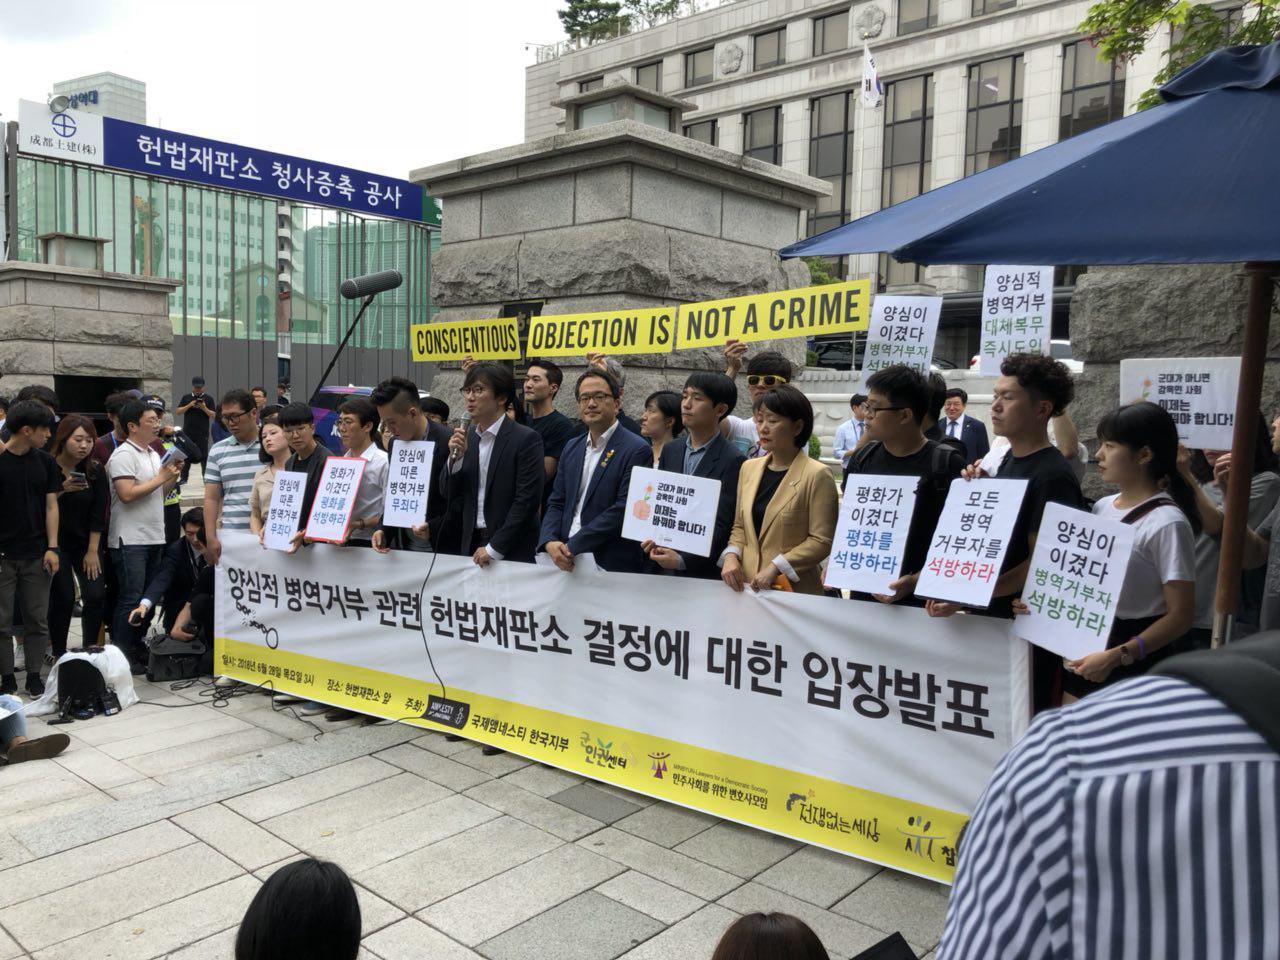 0628 양심적 병역거부 관련 헌법재판소 결정에 대한 입장발표